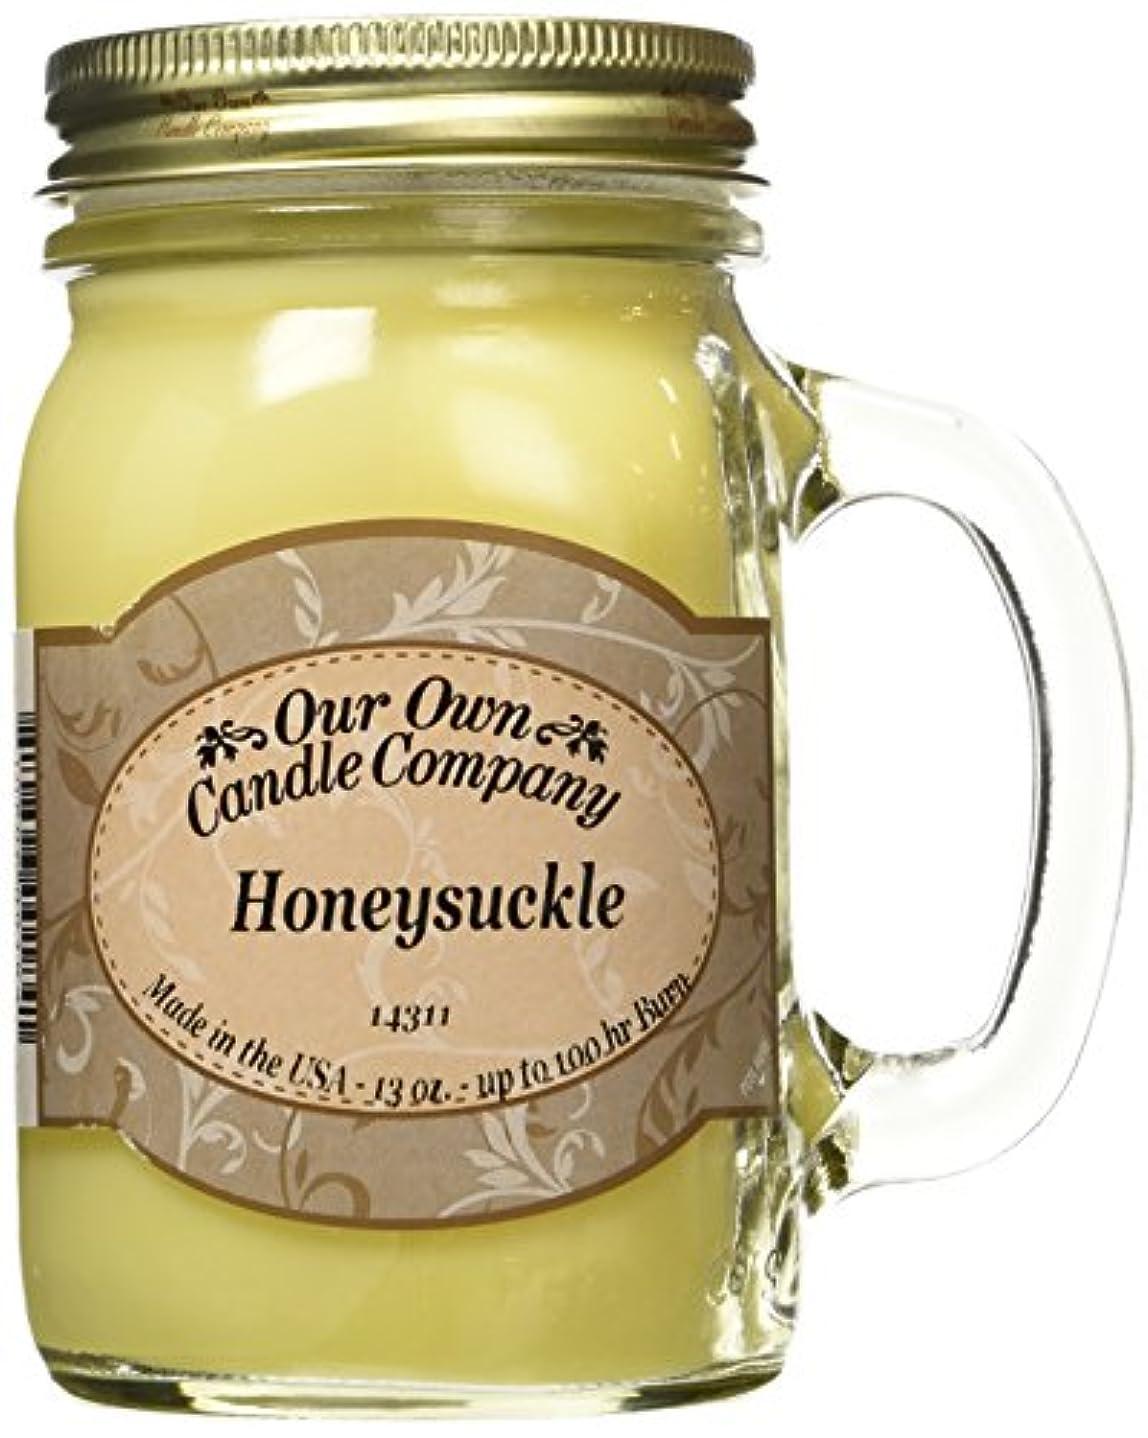 義務付けられた極貧スツールアロマキャンドル メイソンジャー ハニーサックル ビッグ Our Own Candle Company Honeysuckle big 日本未発売フレグランス